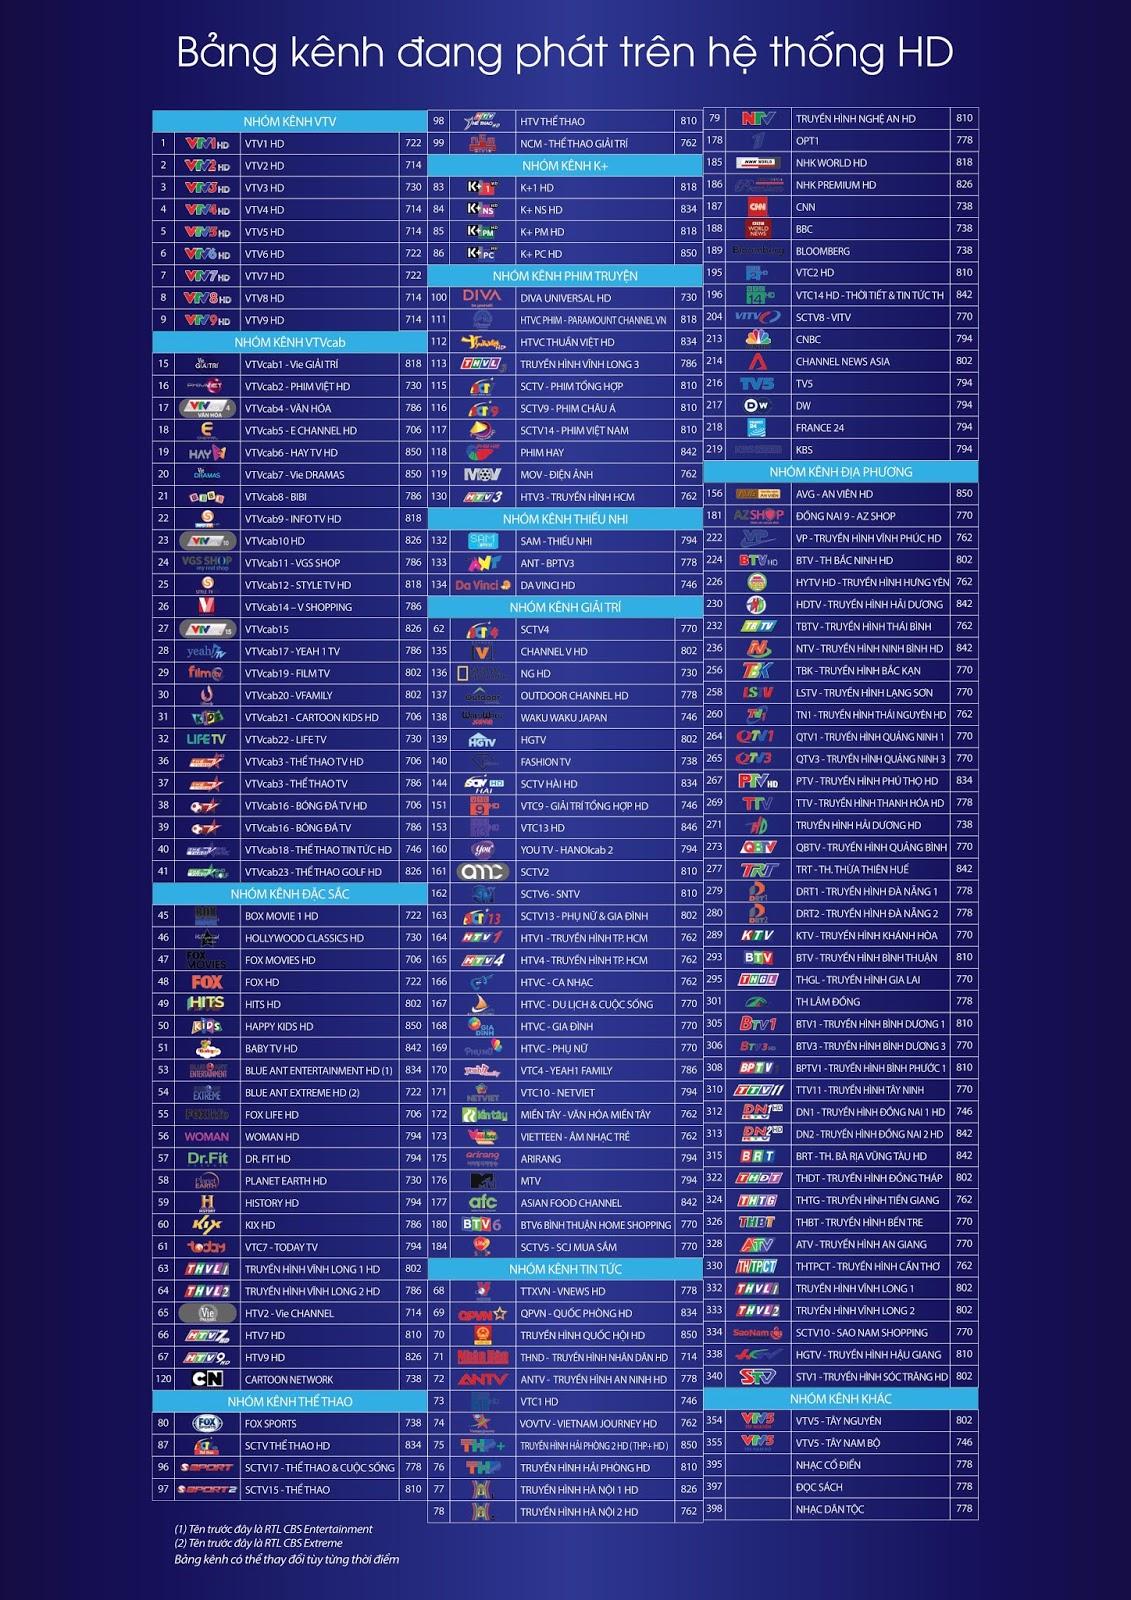 danh sách kênh Truyền hình cáp gói hd của vtvcab